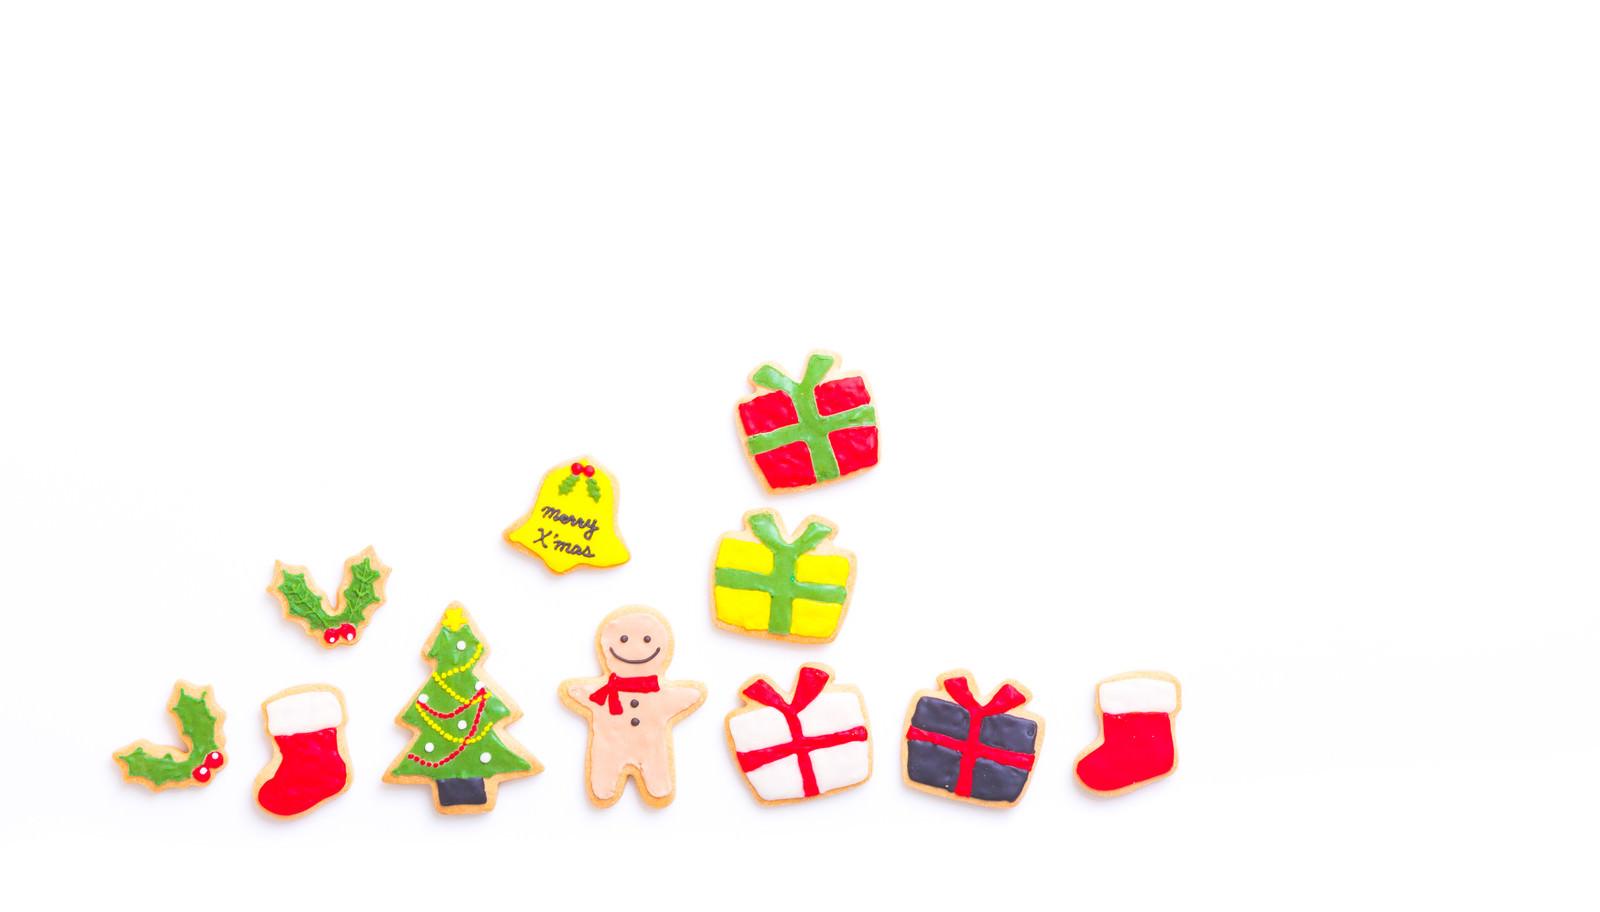 「クリスマスにプレゼント沢山もらったボーイ(アイシングクッキー)」の写真